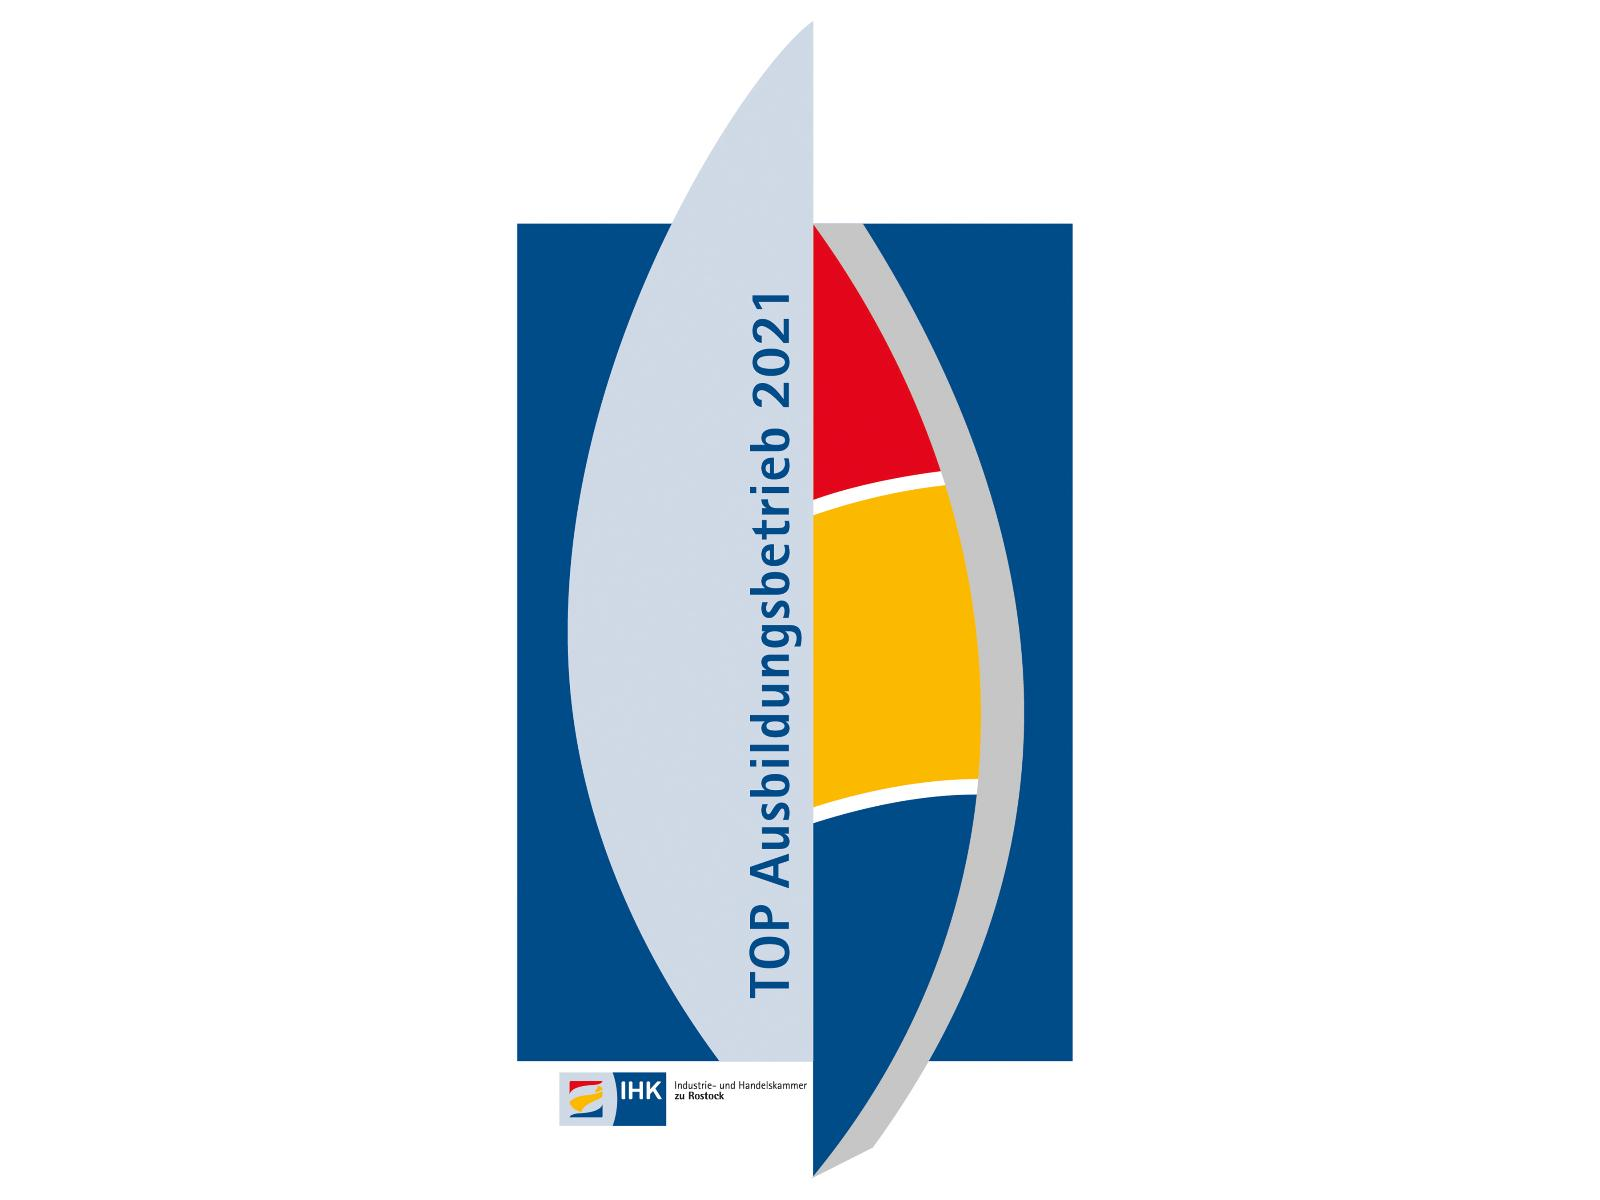 Seit vielen Jahren erhalten wir von der IHK die Auszeichnung TOP-Ausbildungsbetrieb.